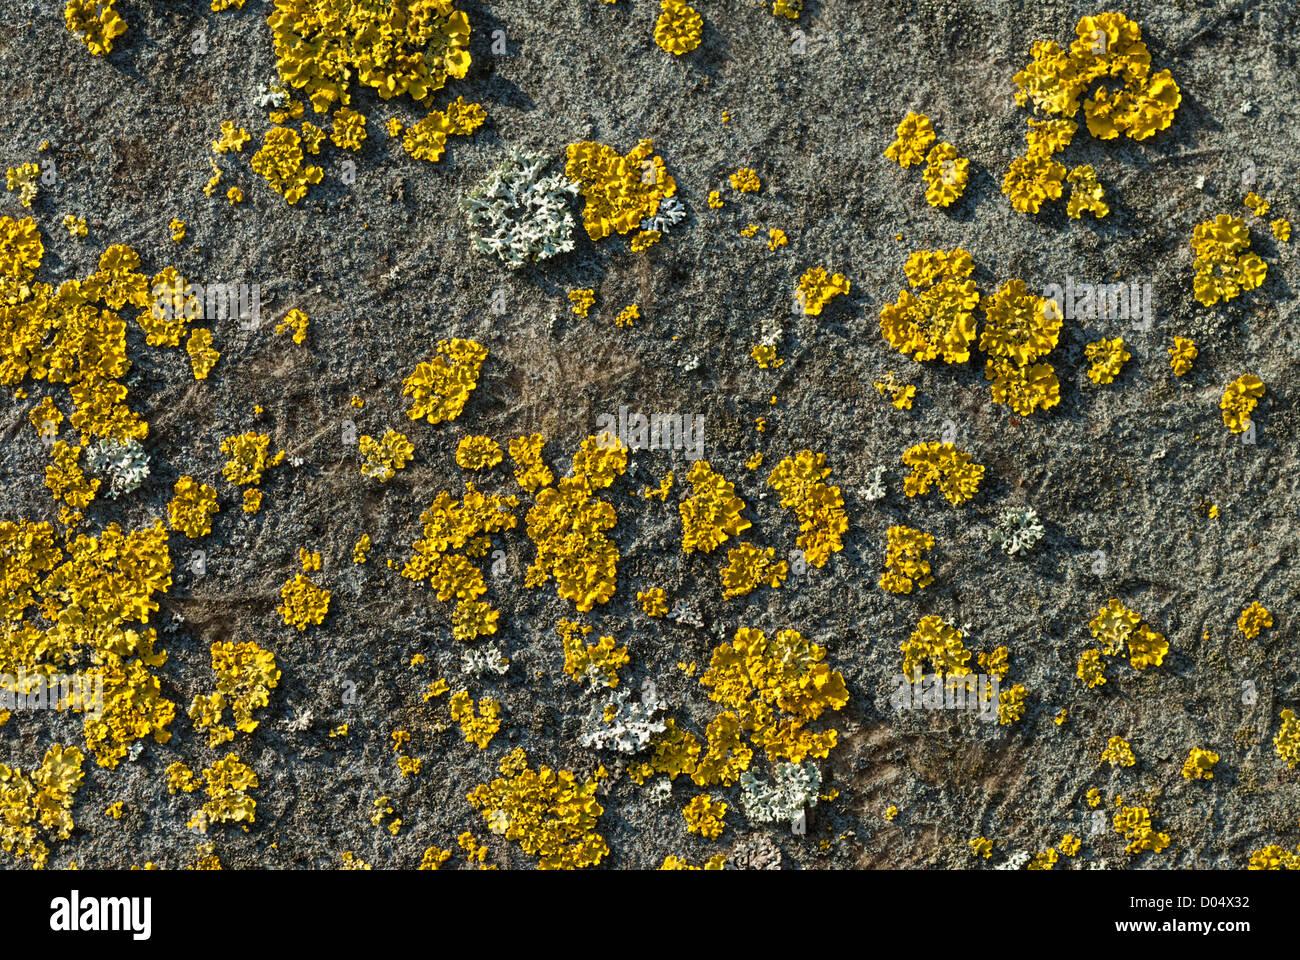 Flechten, einschließlich helle gelbe Xanthoria Aureola wachsen auf einer Asphalt-Dach in Cardiff. Stockbild